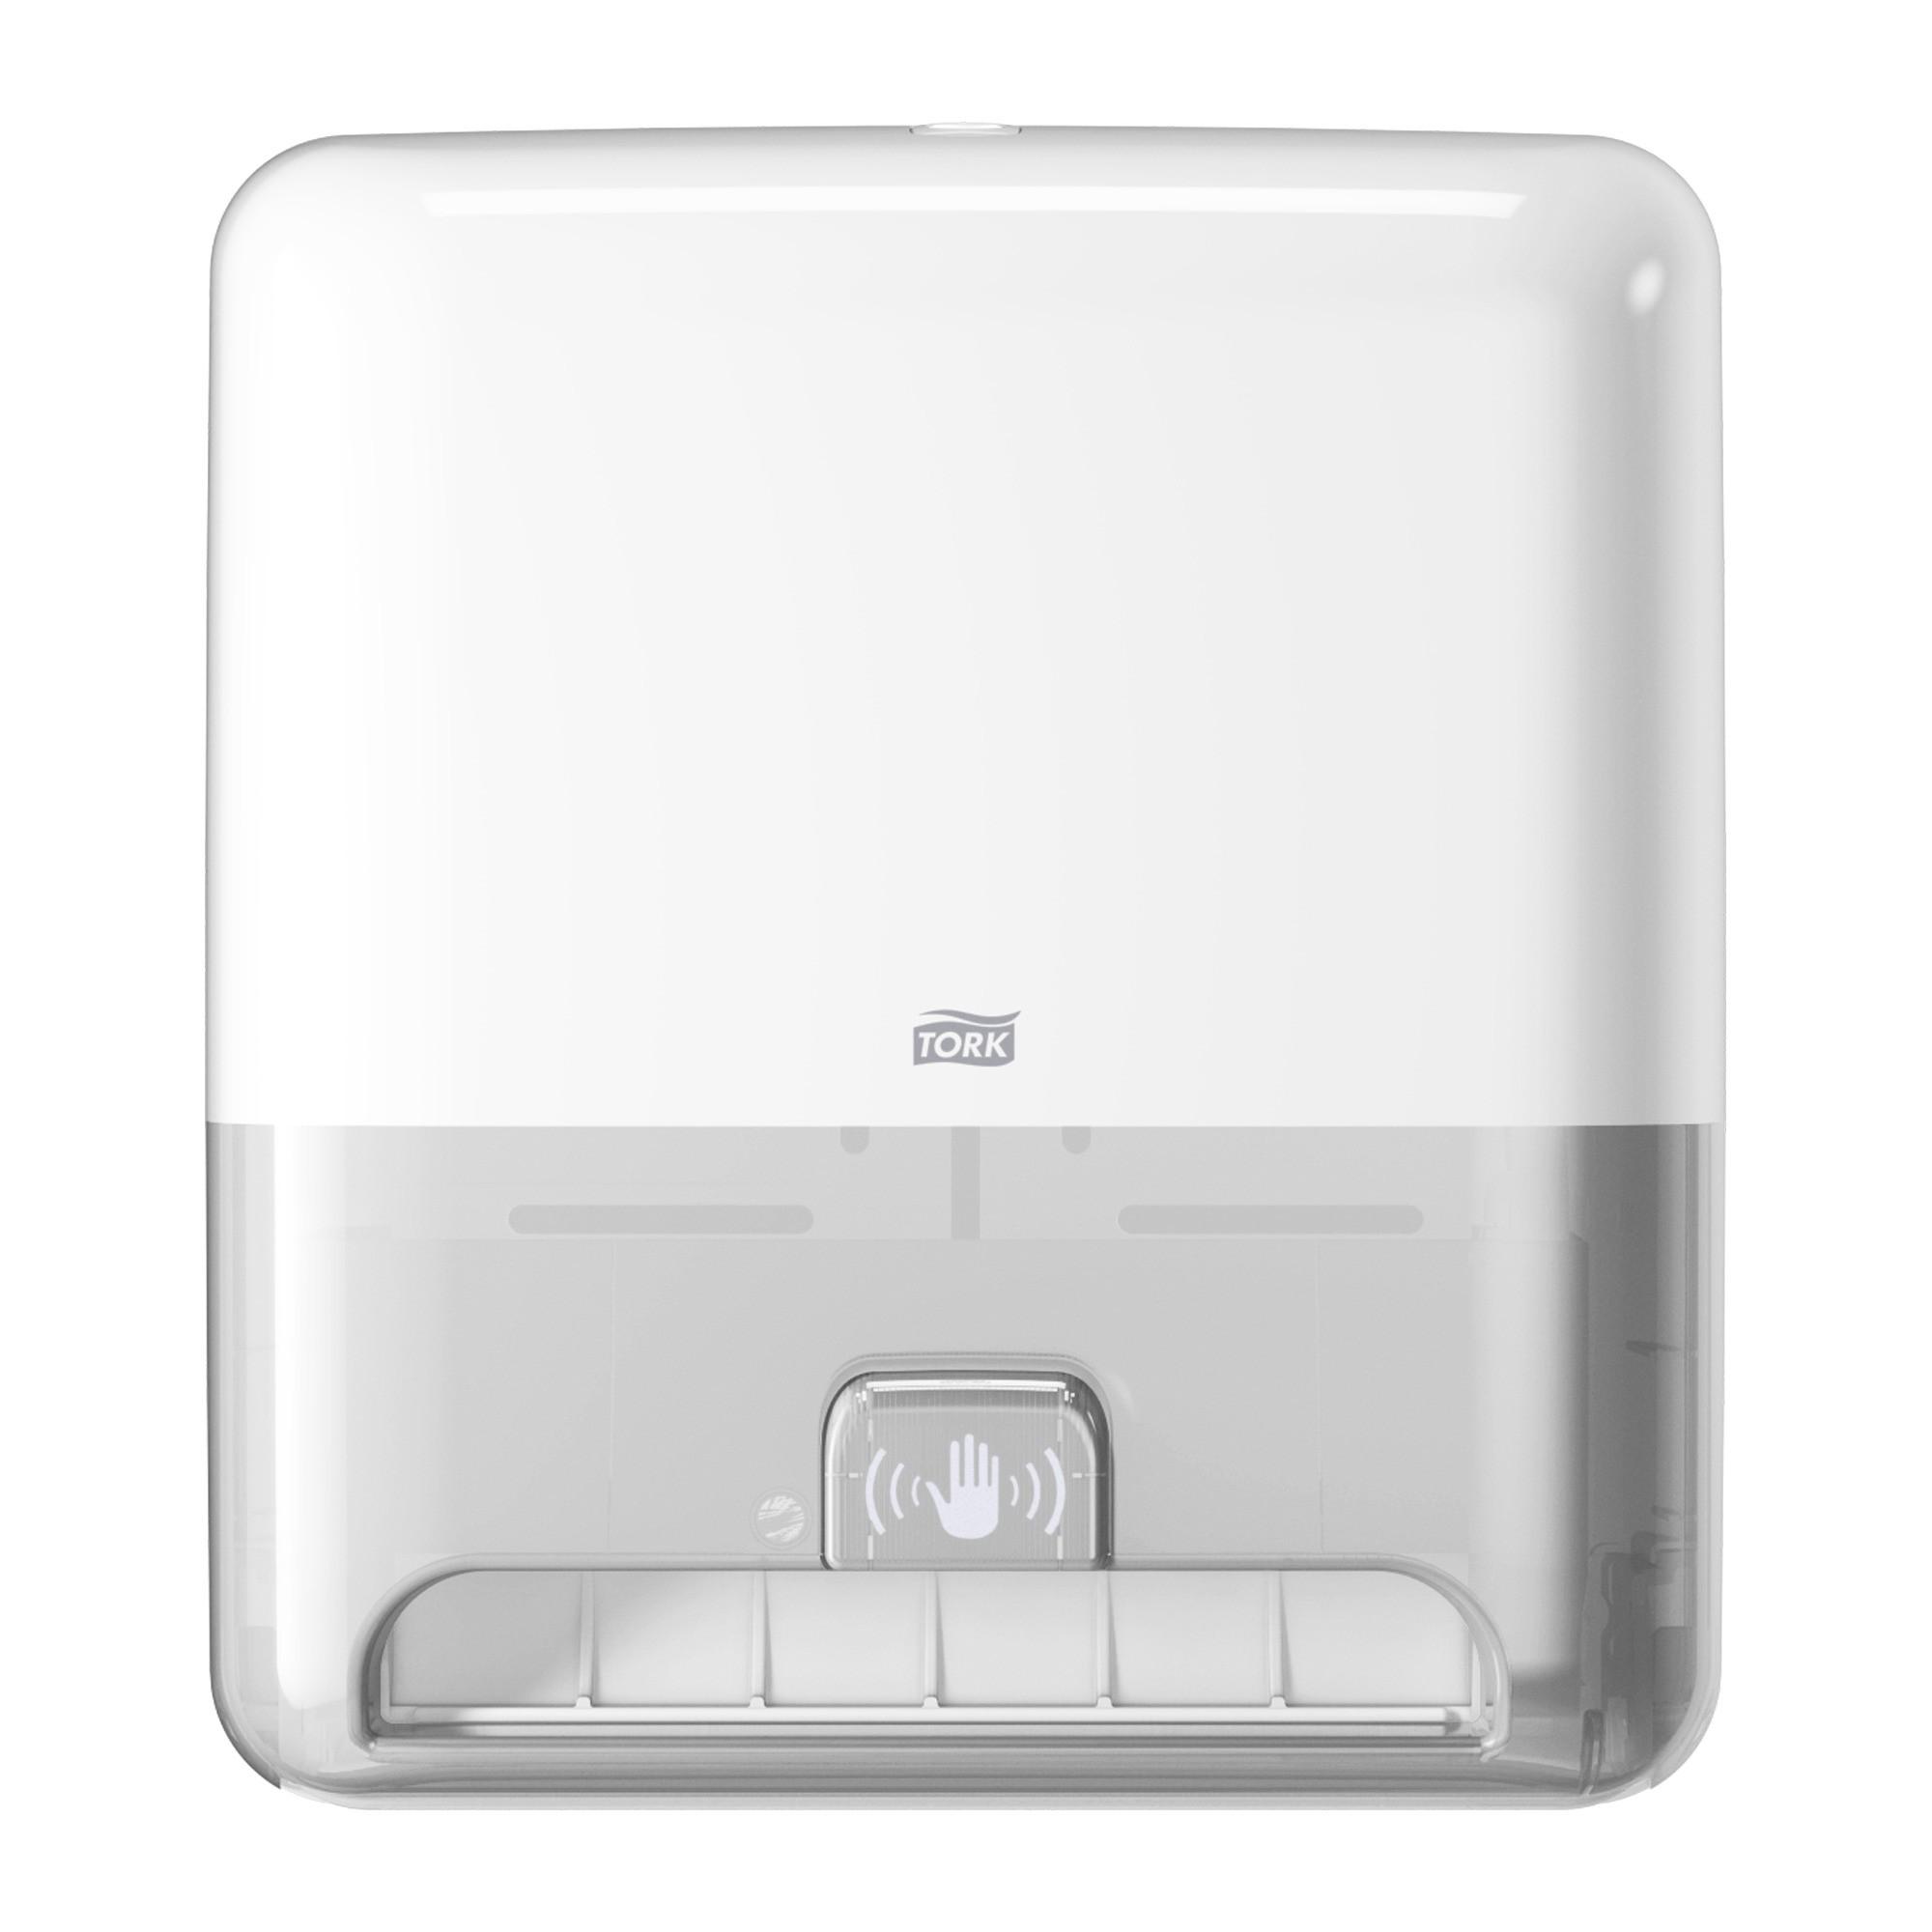 Dispenser Tork com Sensor para Papel Toalha Rolo Intuition Branco H1